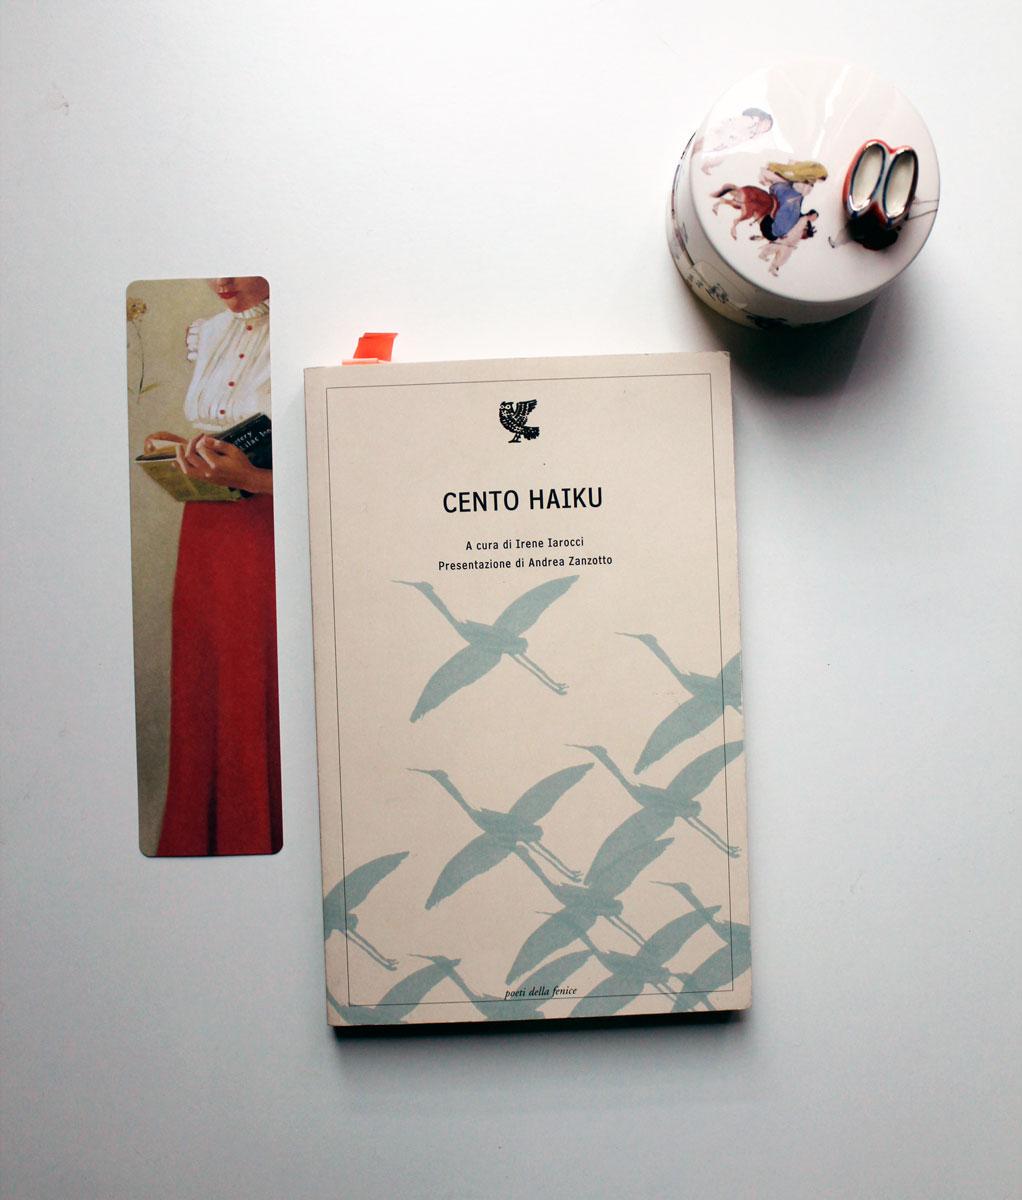 copertina libro cento haiku